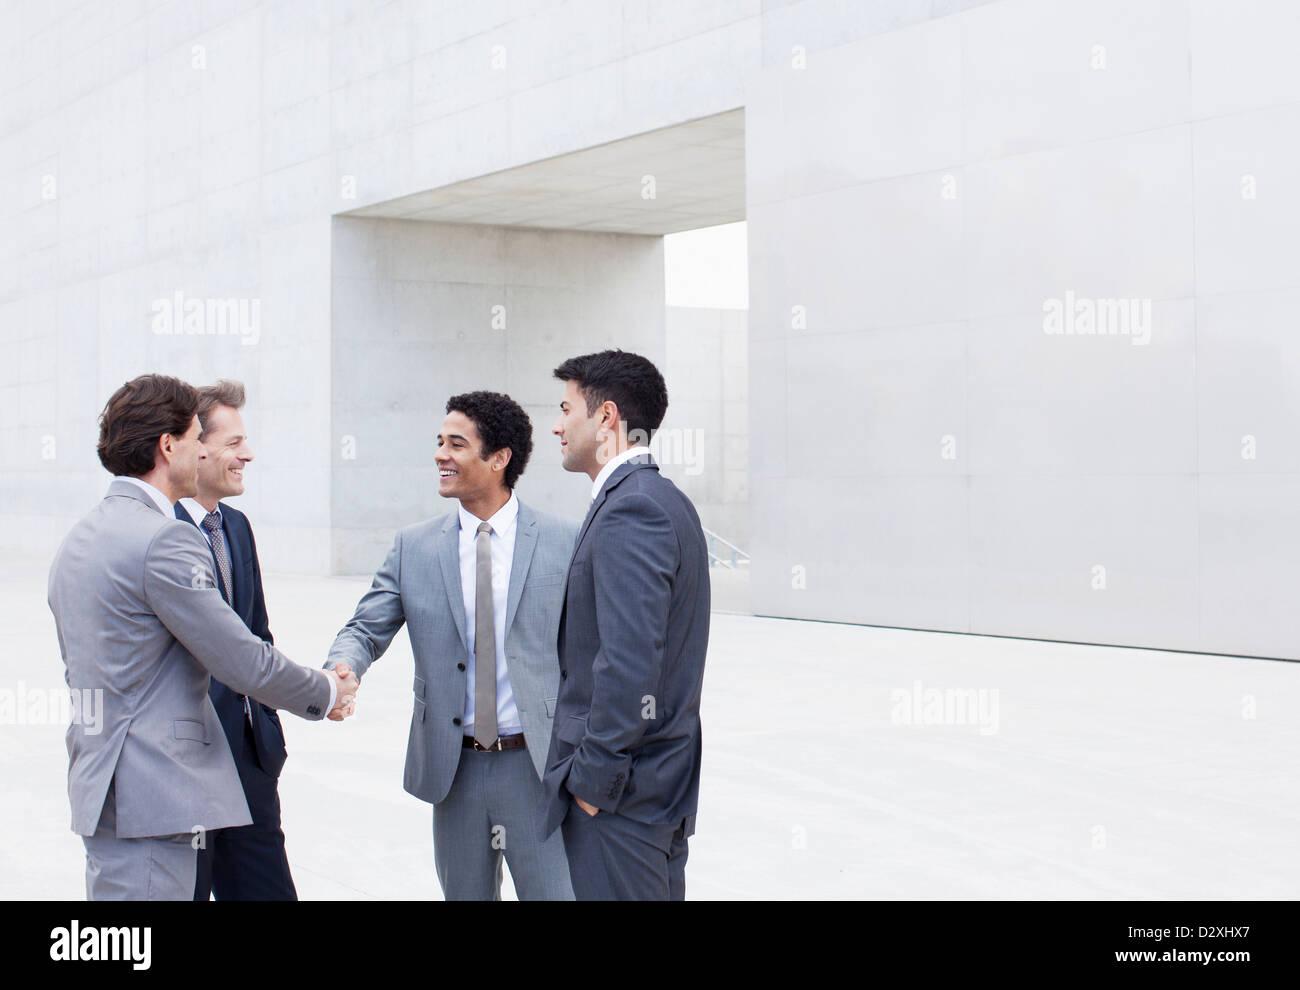 Smiling businessmen shaking hands outside cultural center - Stock Image